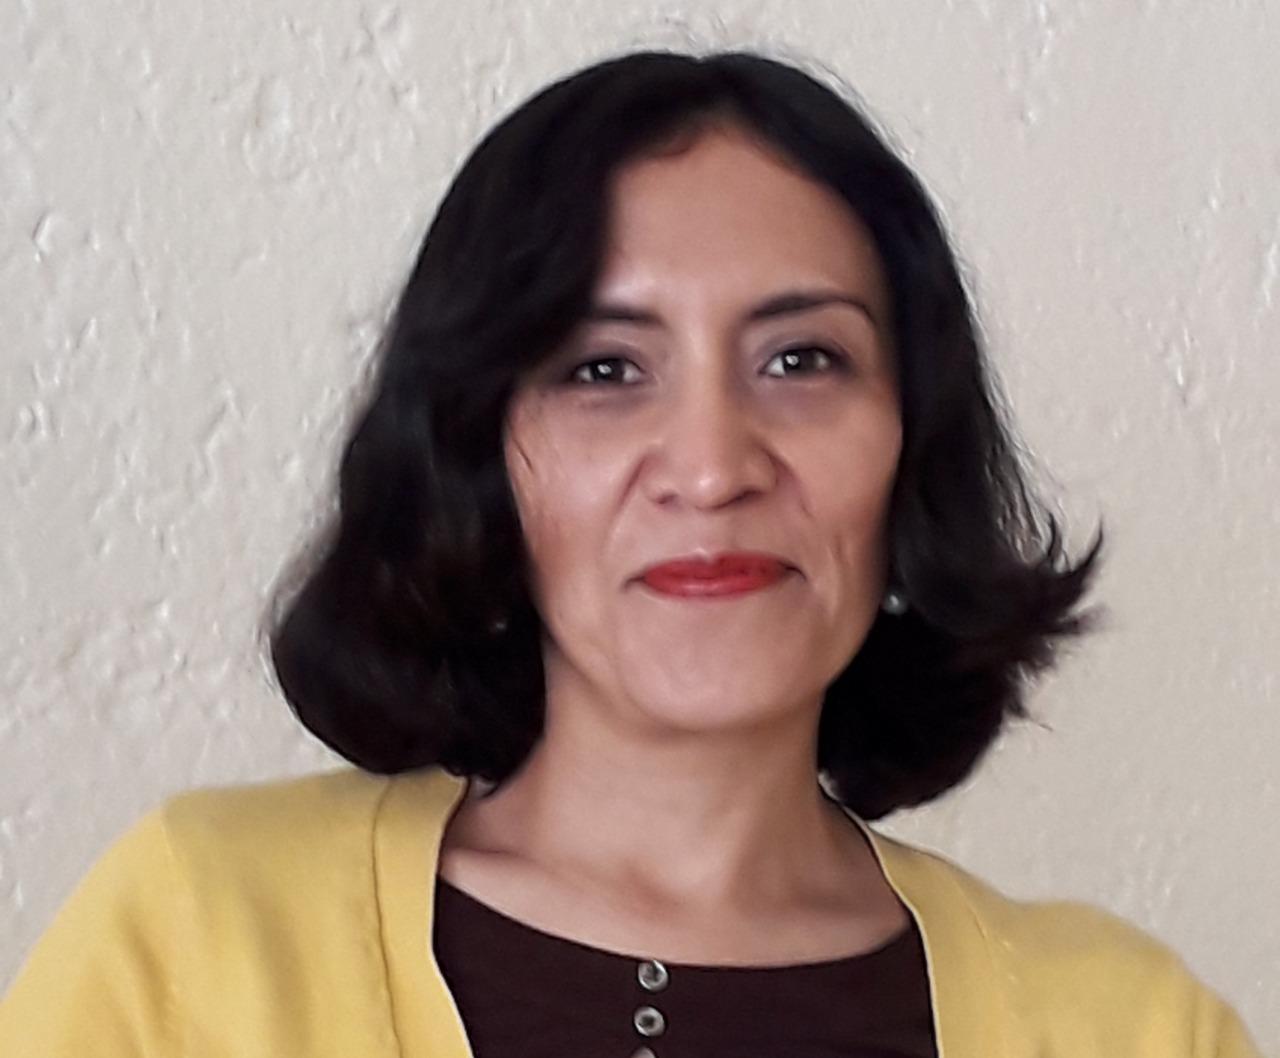 Olivia Rivas Santana